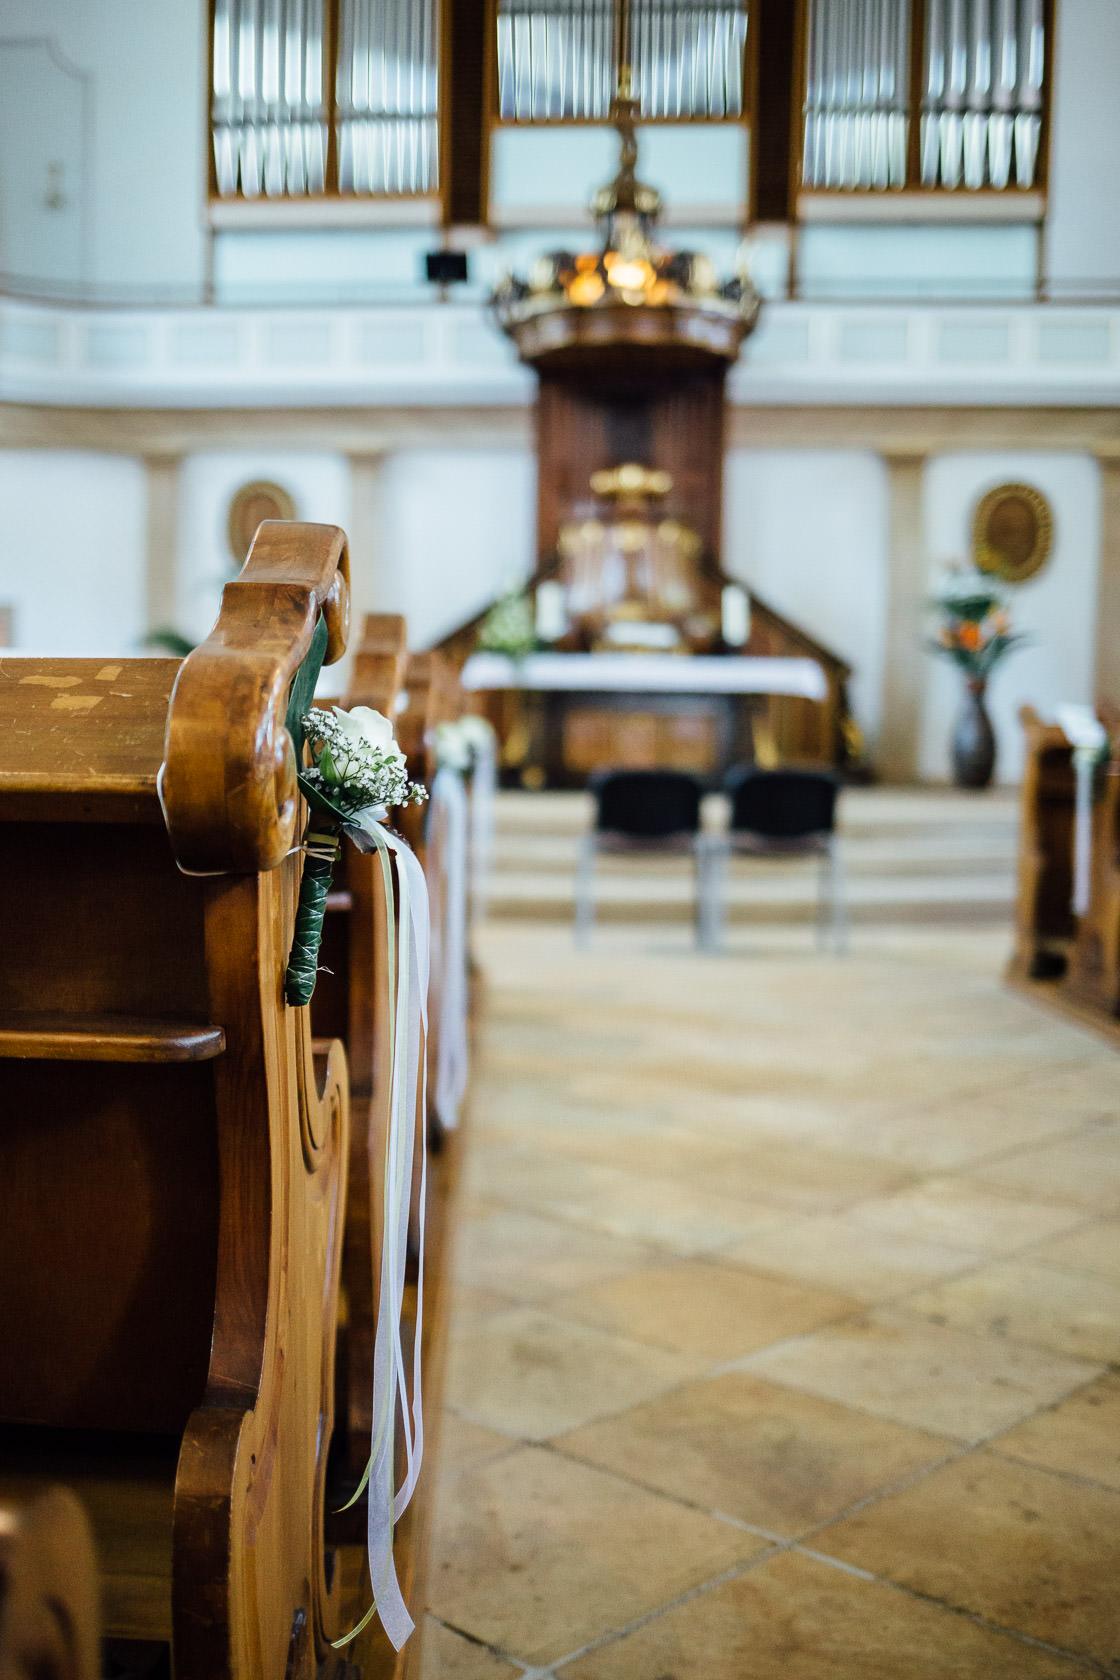 Hochzeit Carmen und Dirk in Bad Kreuznach Trauung in der Pauluskirche Kirchendekoration